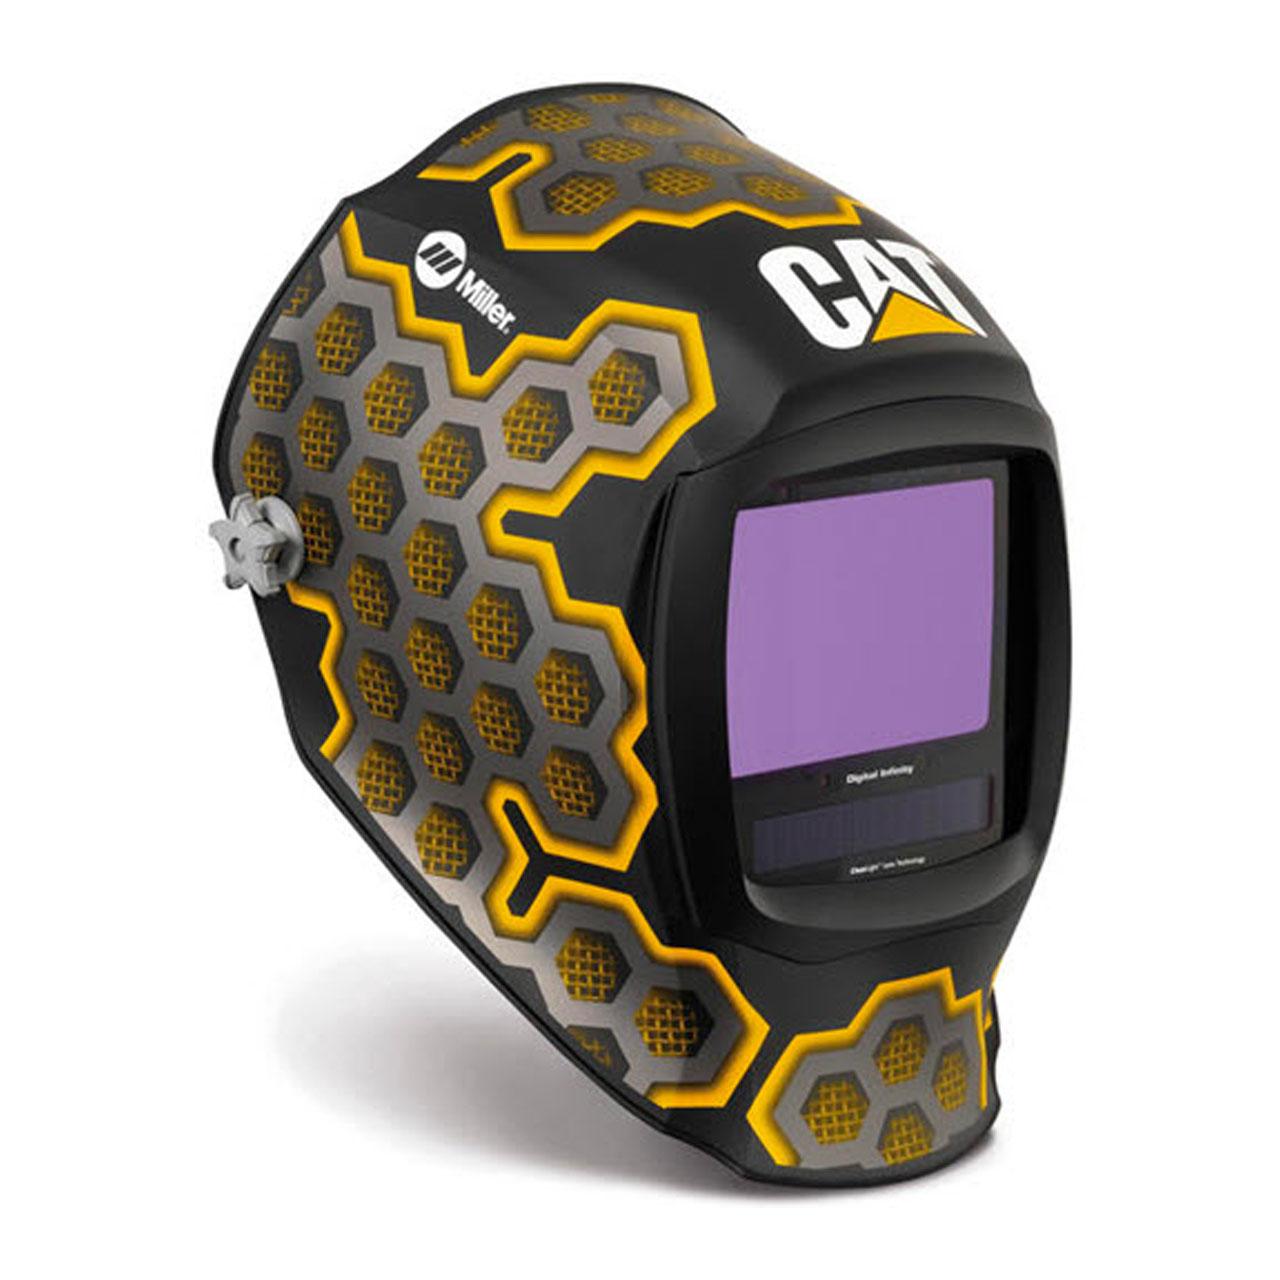 Miller 282007 Digital Infinity Welding Helmet with ClearLight Lens, CAT